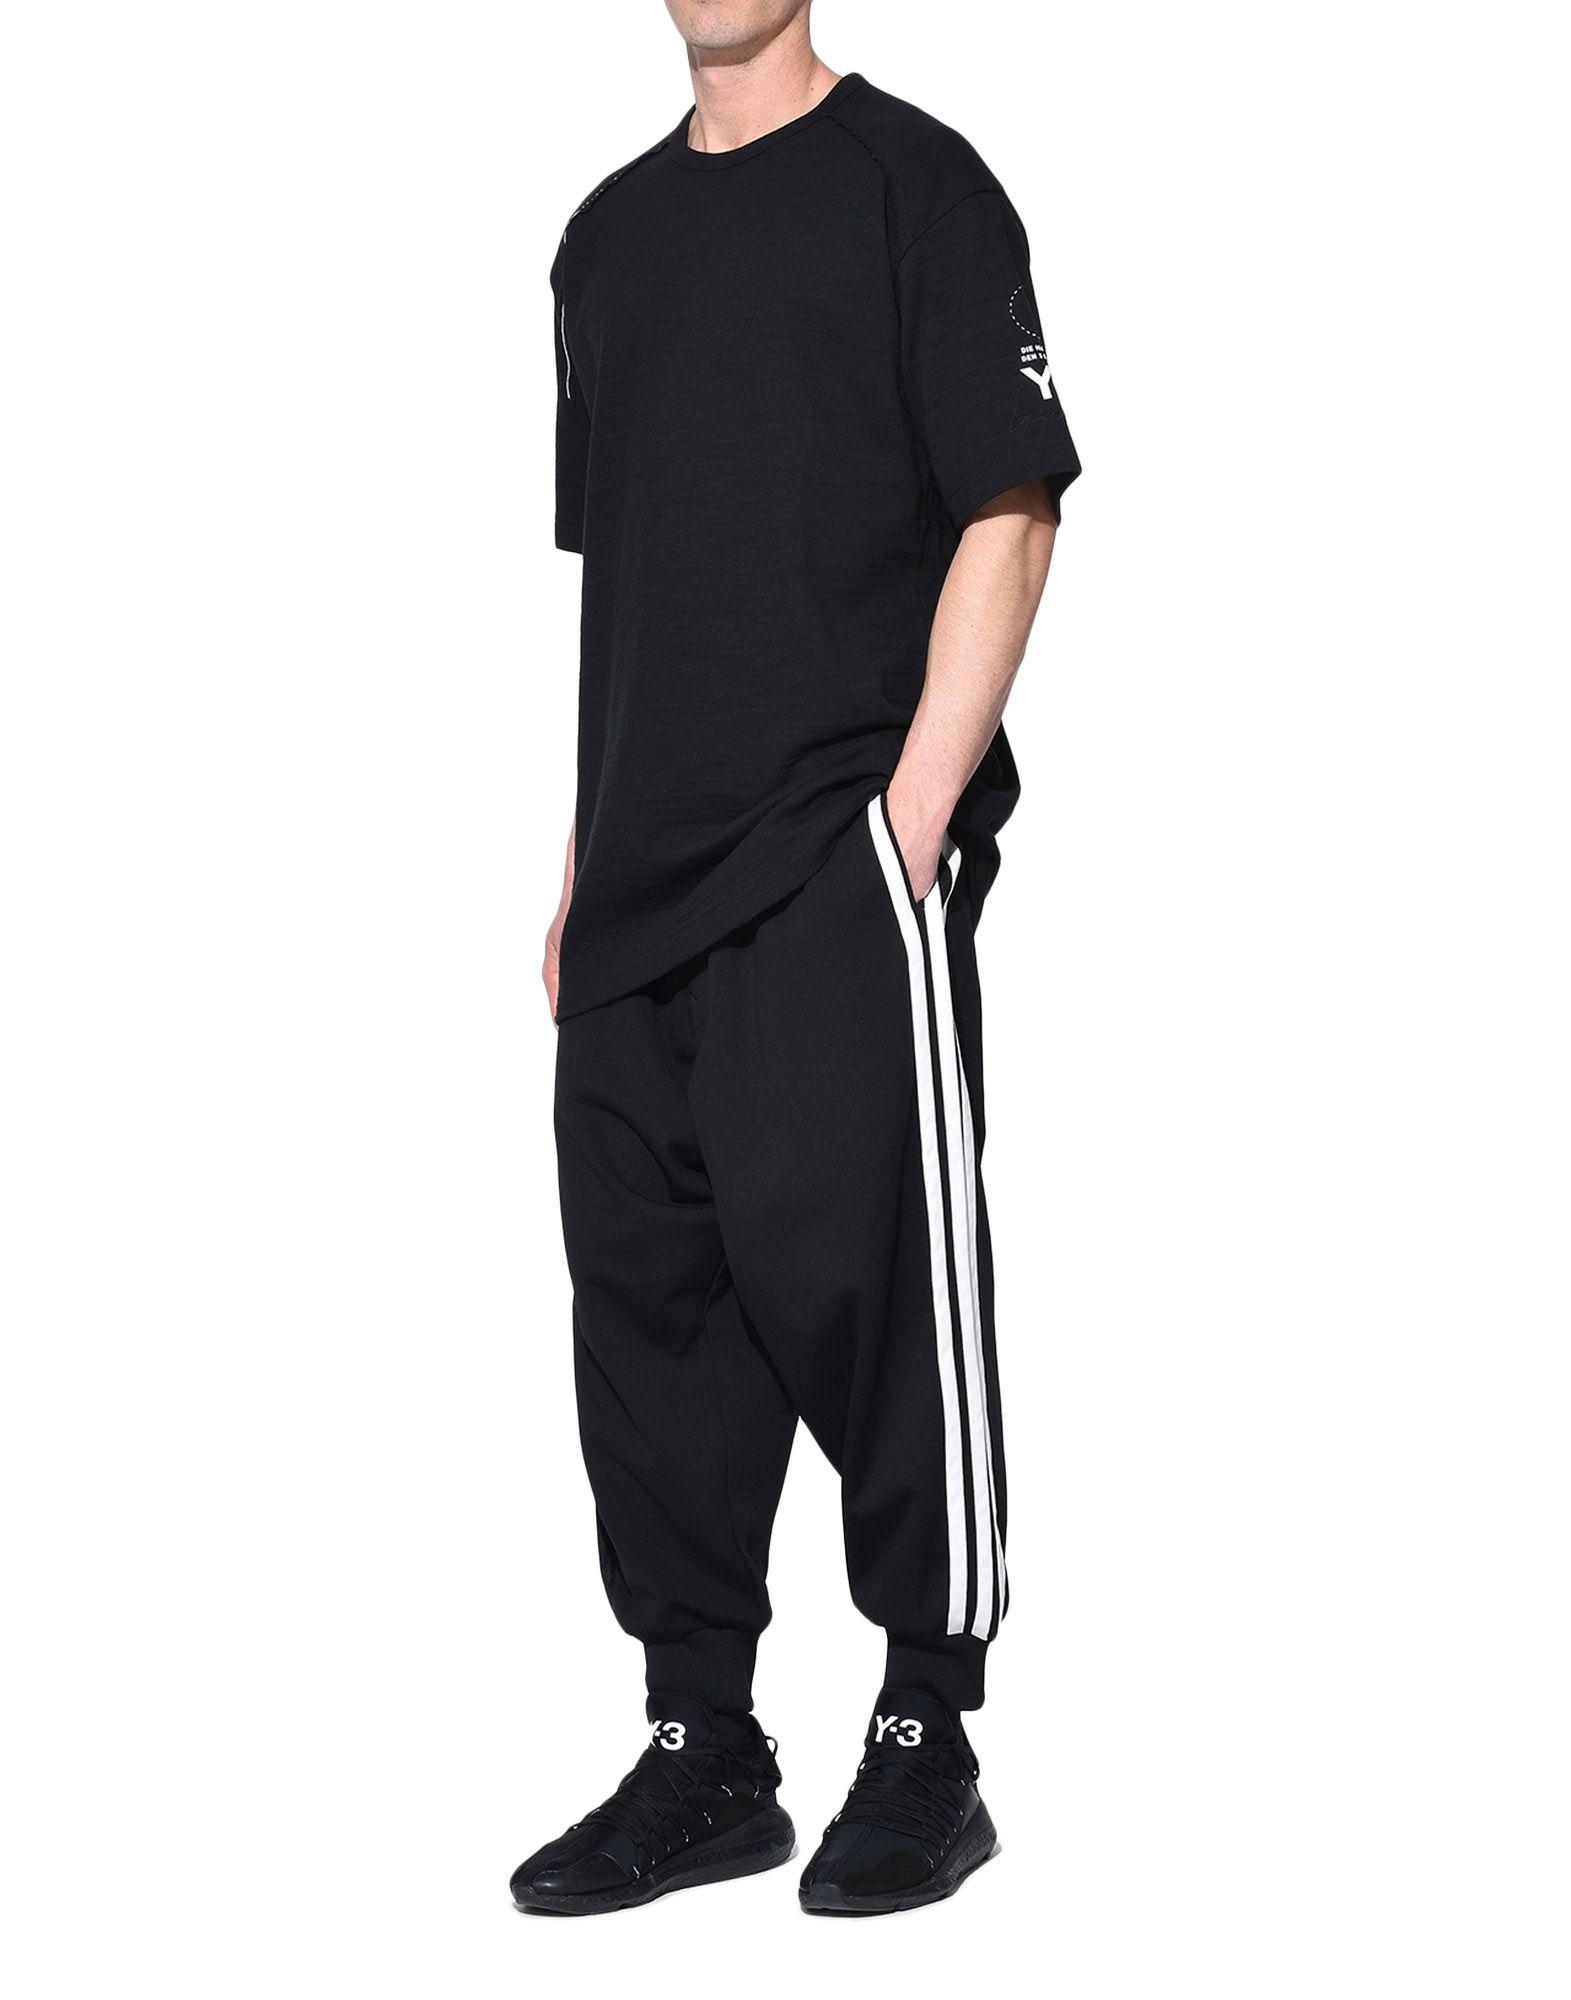 Y-3 Y-3 Sashiko Tee Short sleeve t-shirt Man a